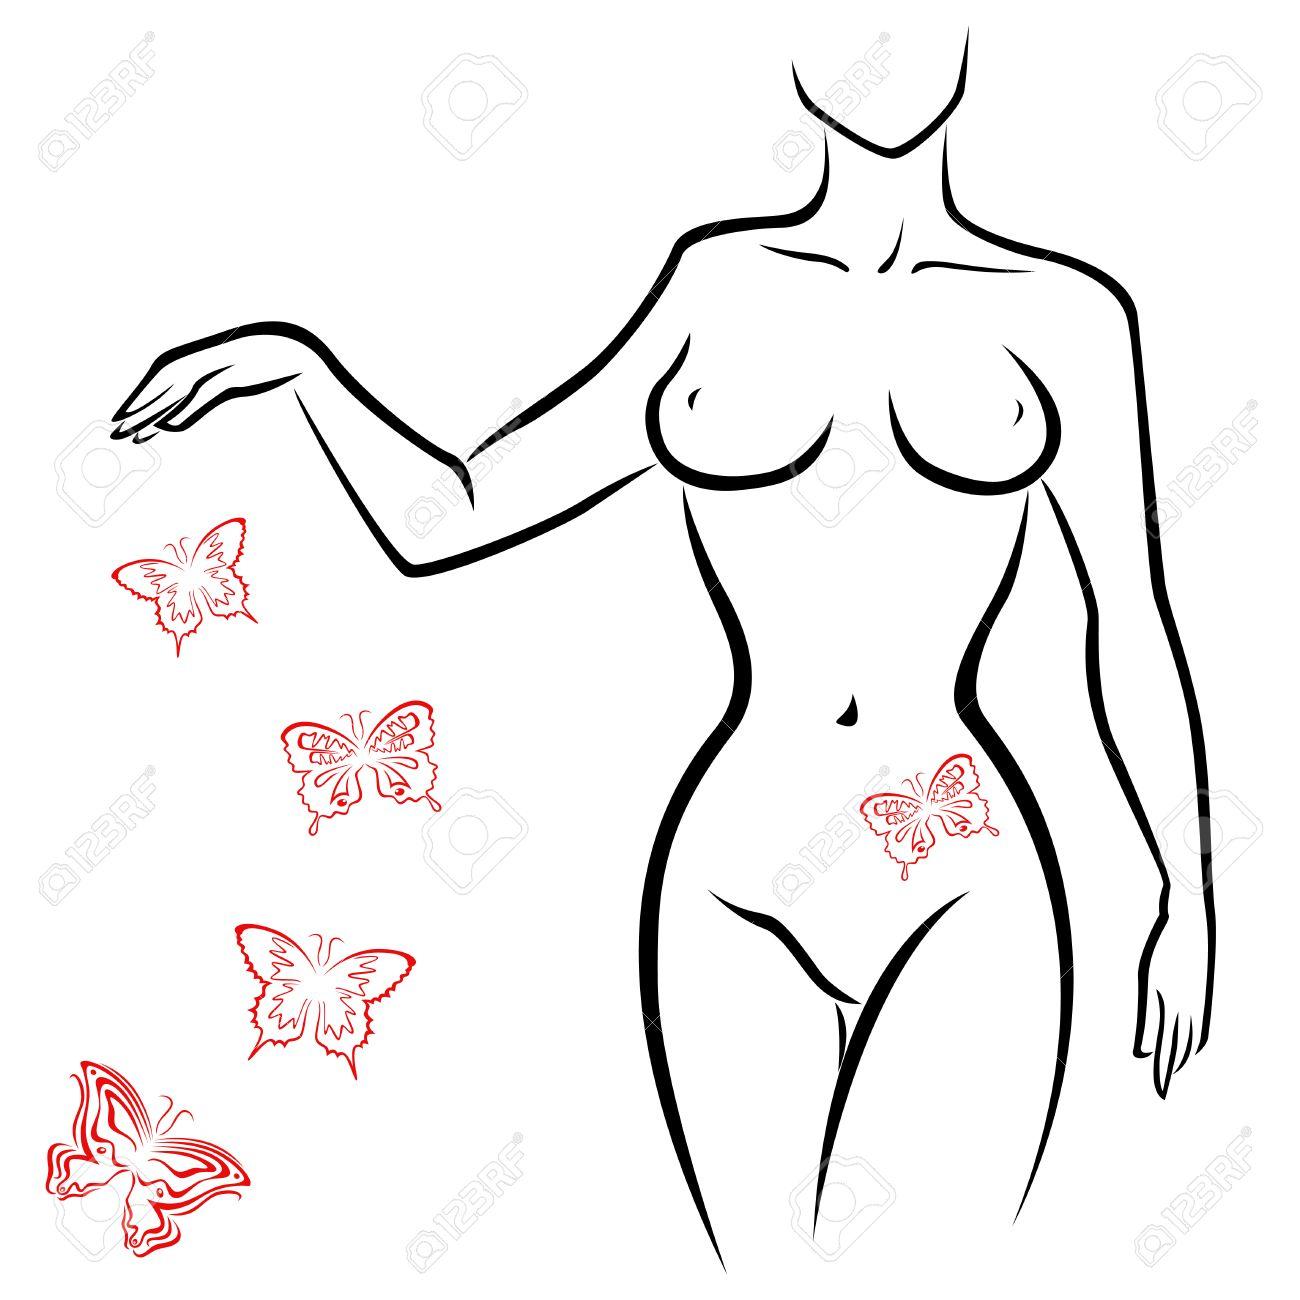 Kreena kapoor sex image